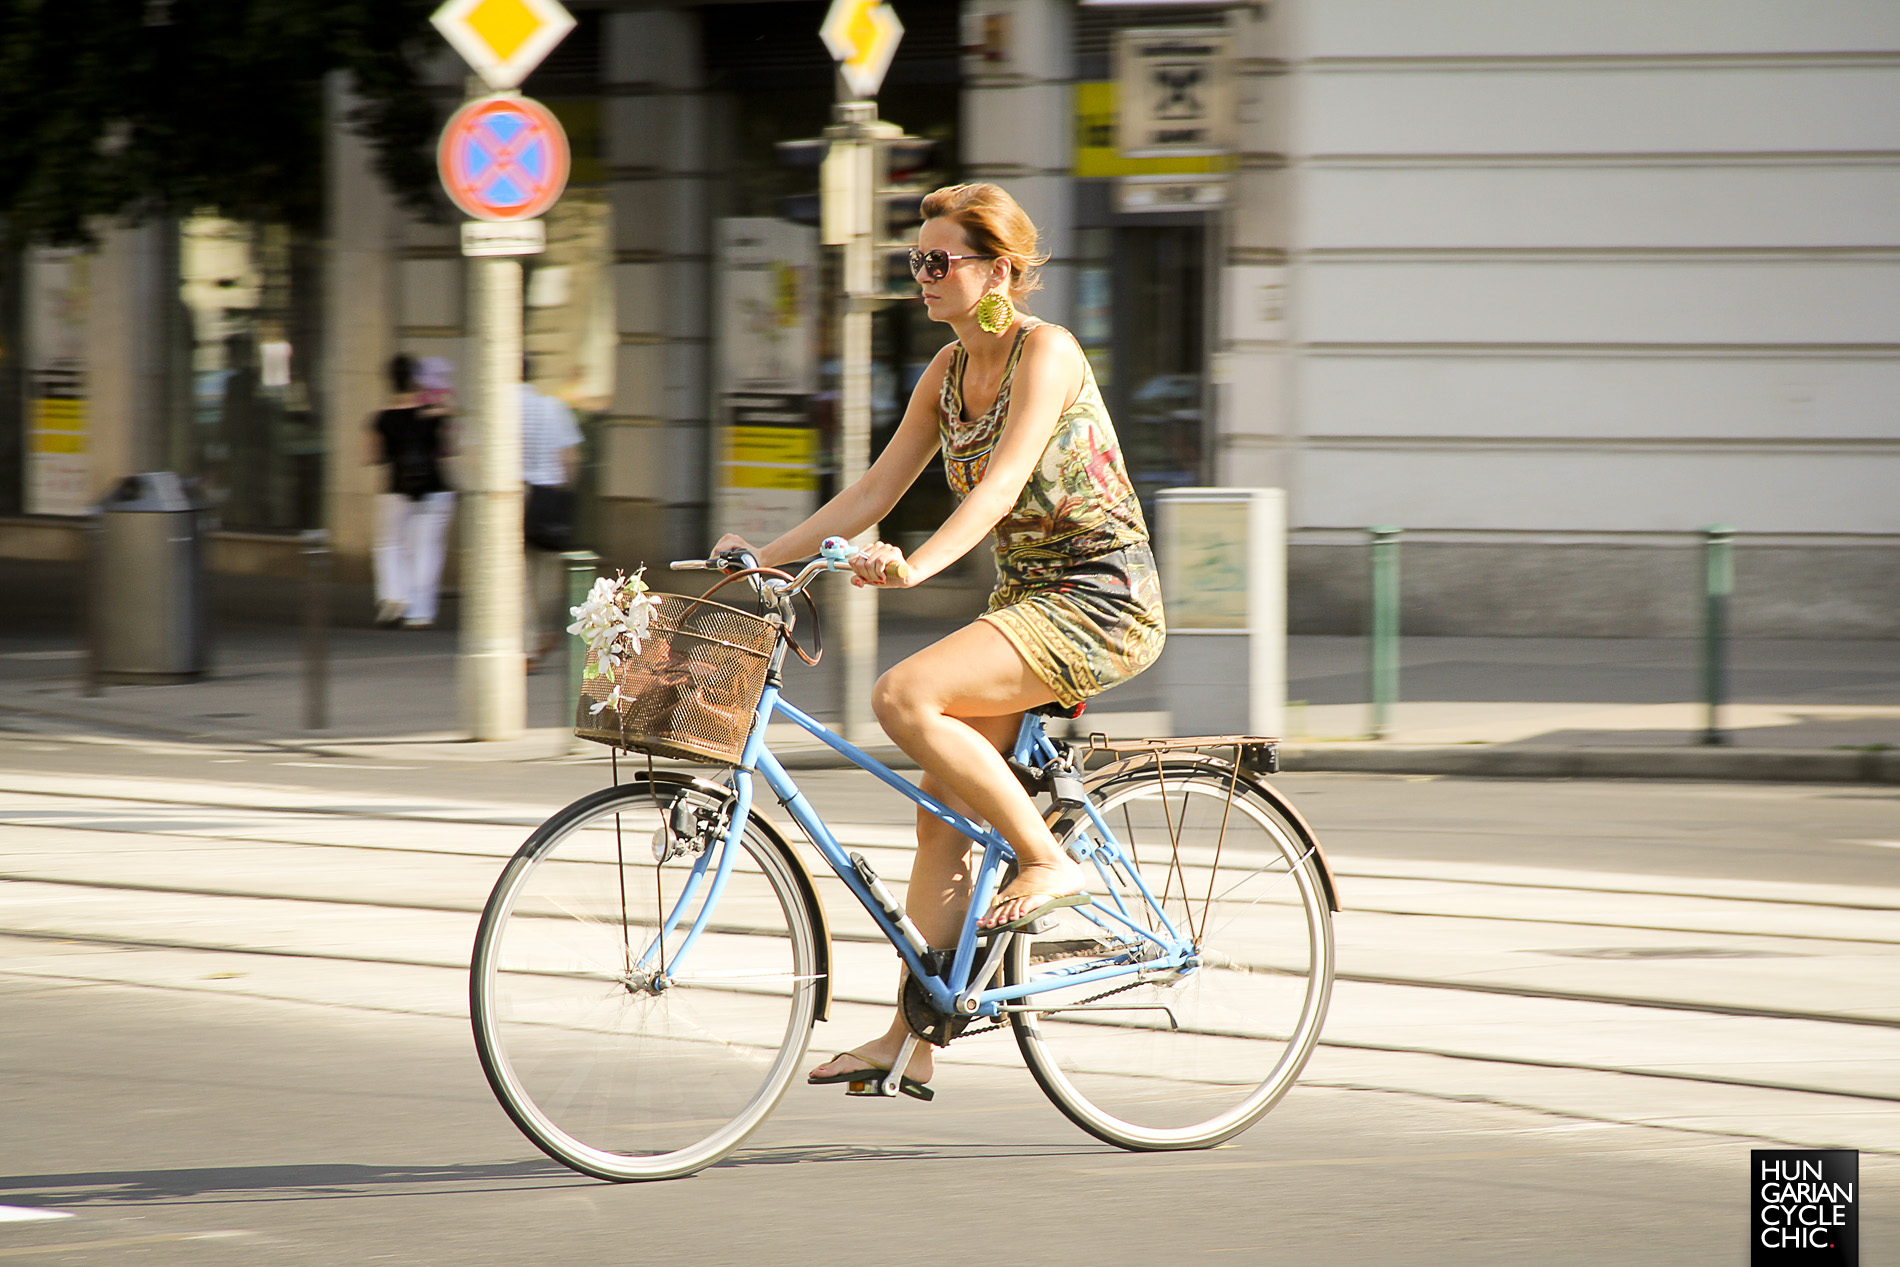 A kerékpározás segít a prosztatitisben Skhodnitsa kezelés a prosztatitis